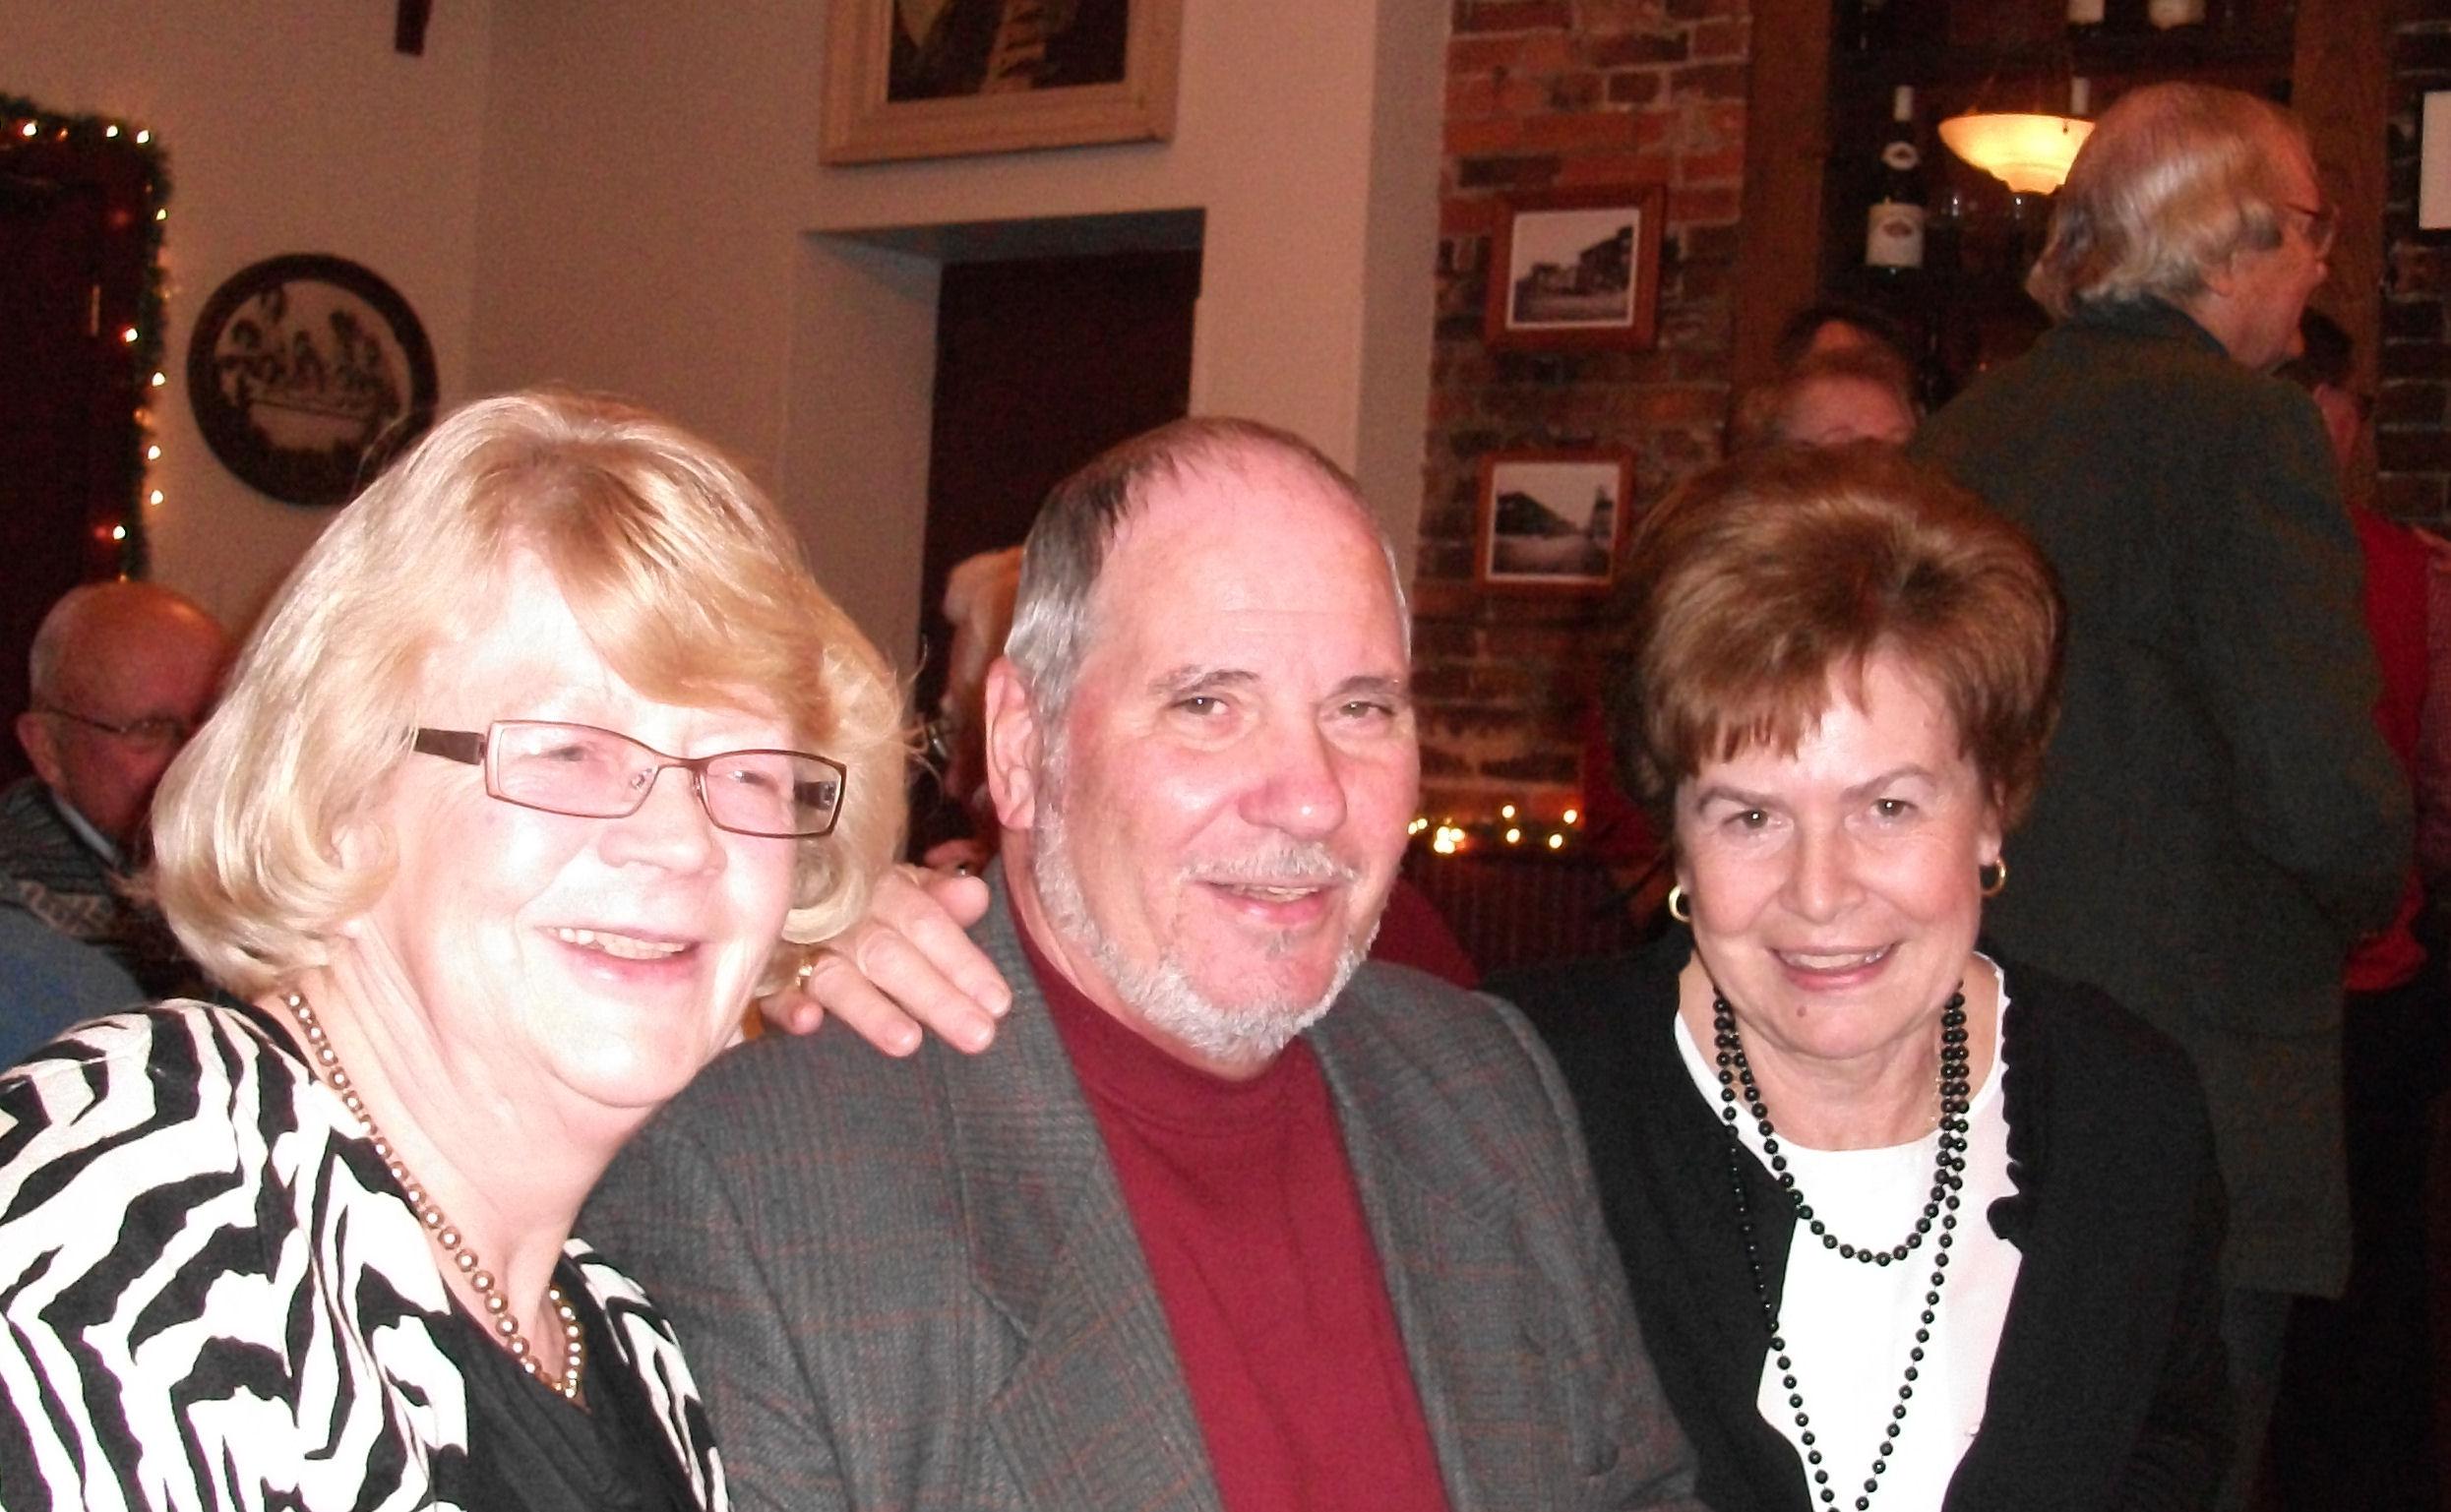 From left-to-right Ellie Hein, Paul Essert, Elizabeth Bodenstein